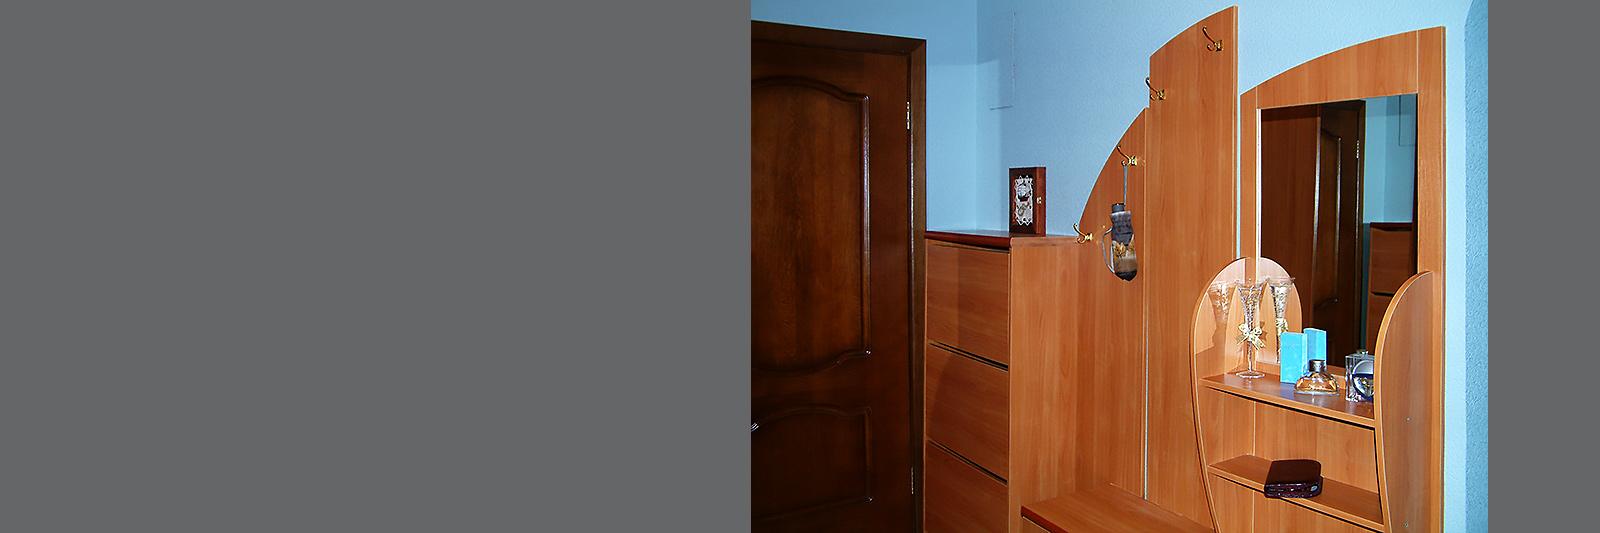 Мебель для прихожей на заказ из ламинированной ДСП